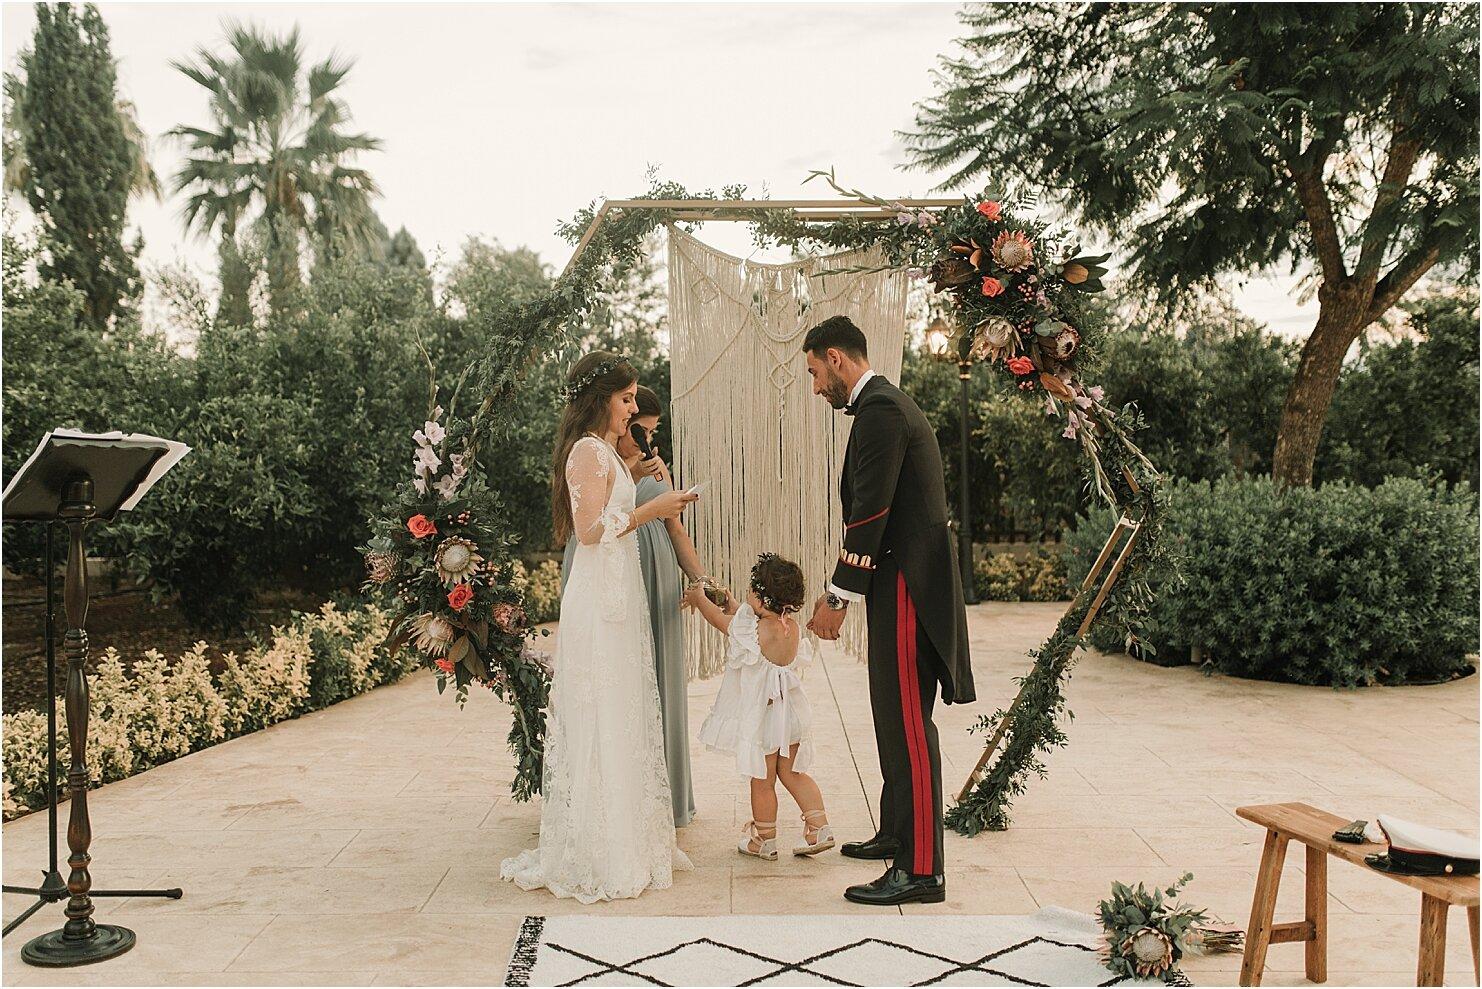 boda-romantica-boda-boho-vestido-de-novia-laura-lomas34.jpg